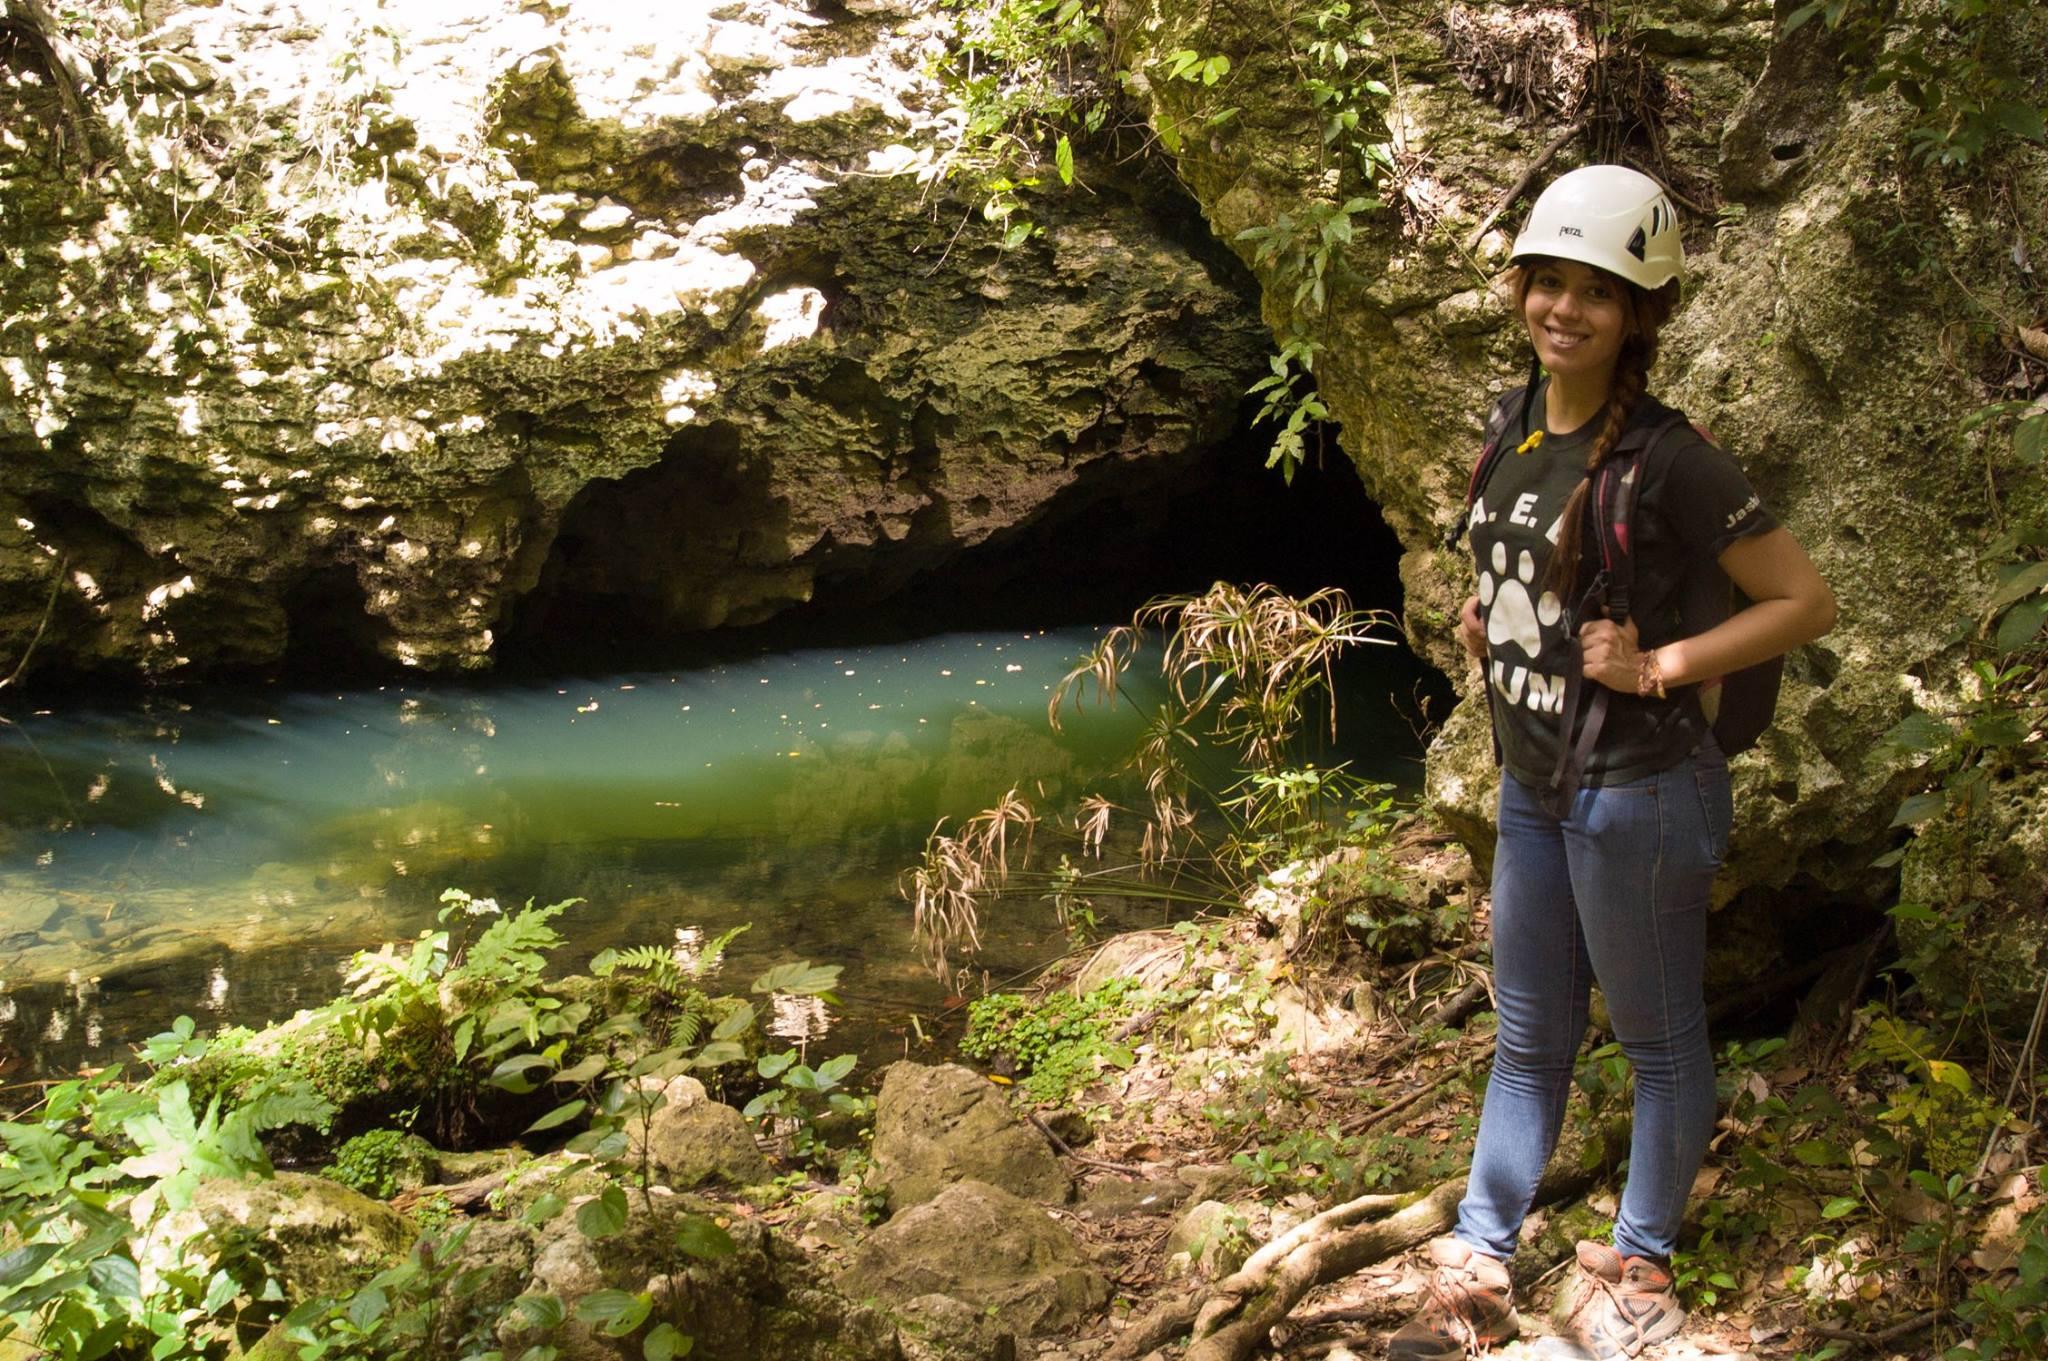 Jashira M. Torres Pabón, on a caving educational tour.